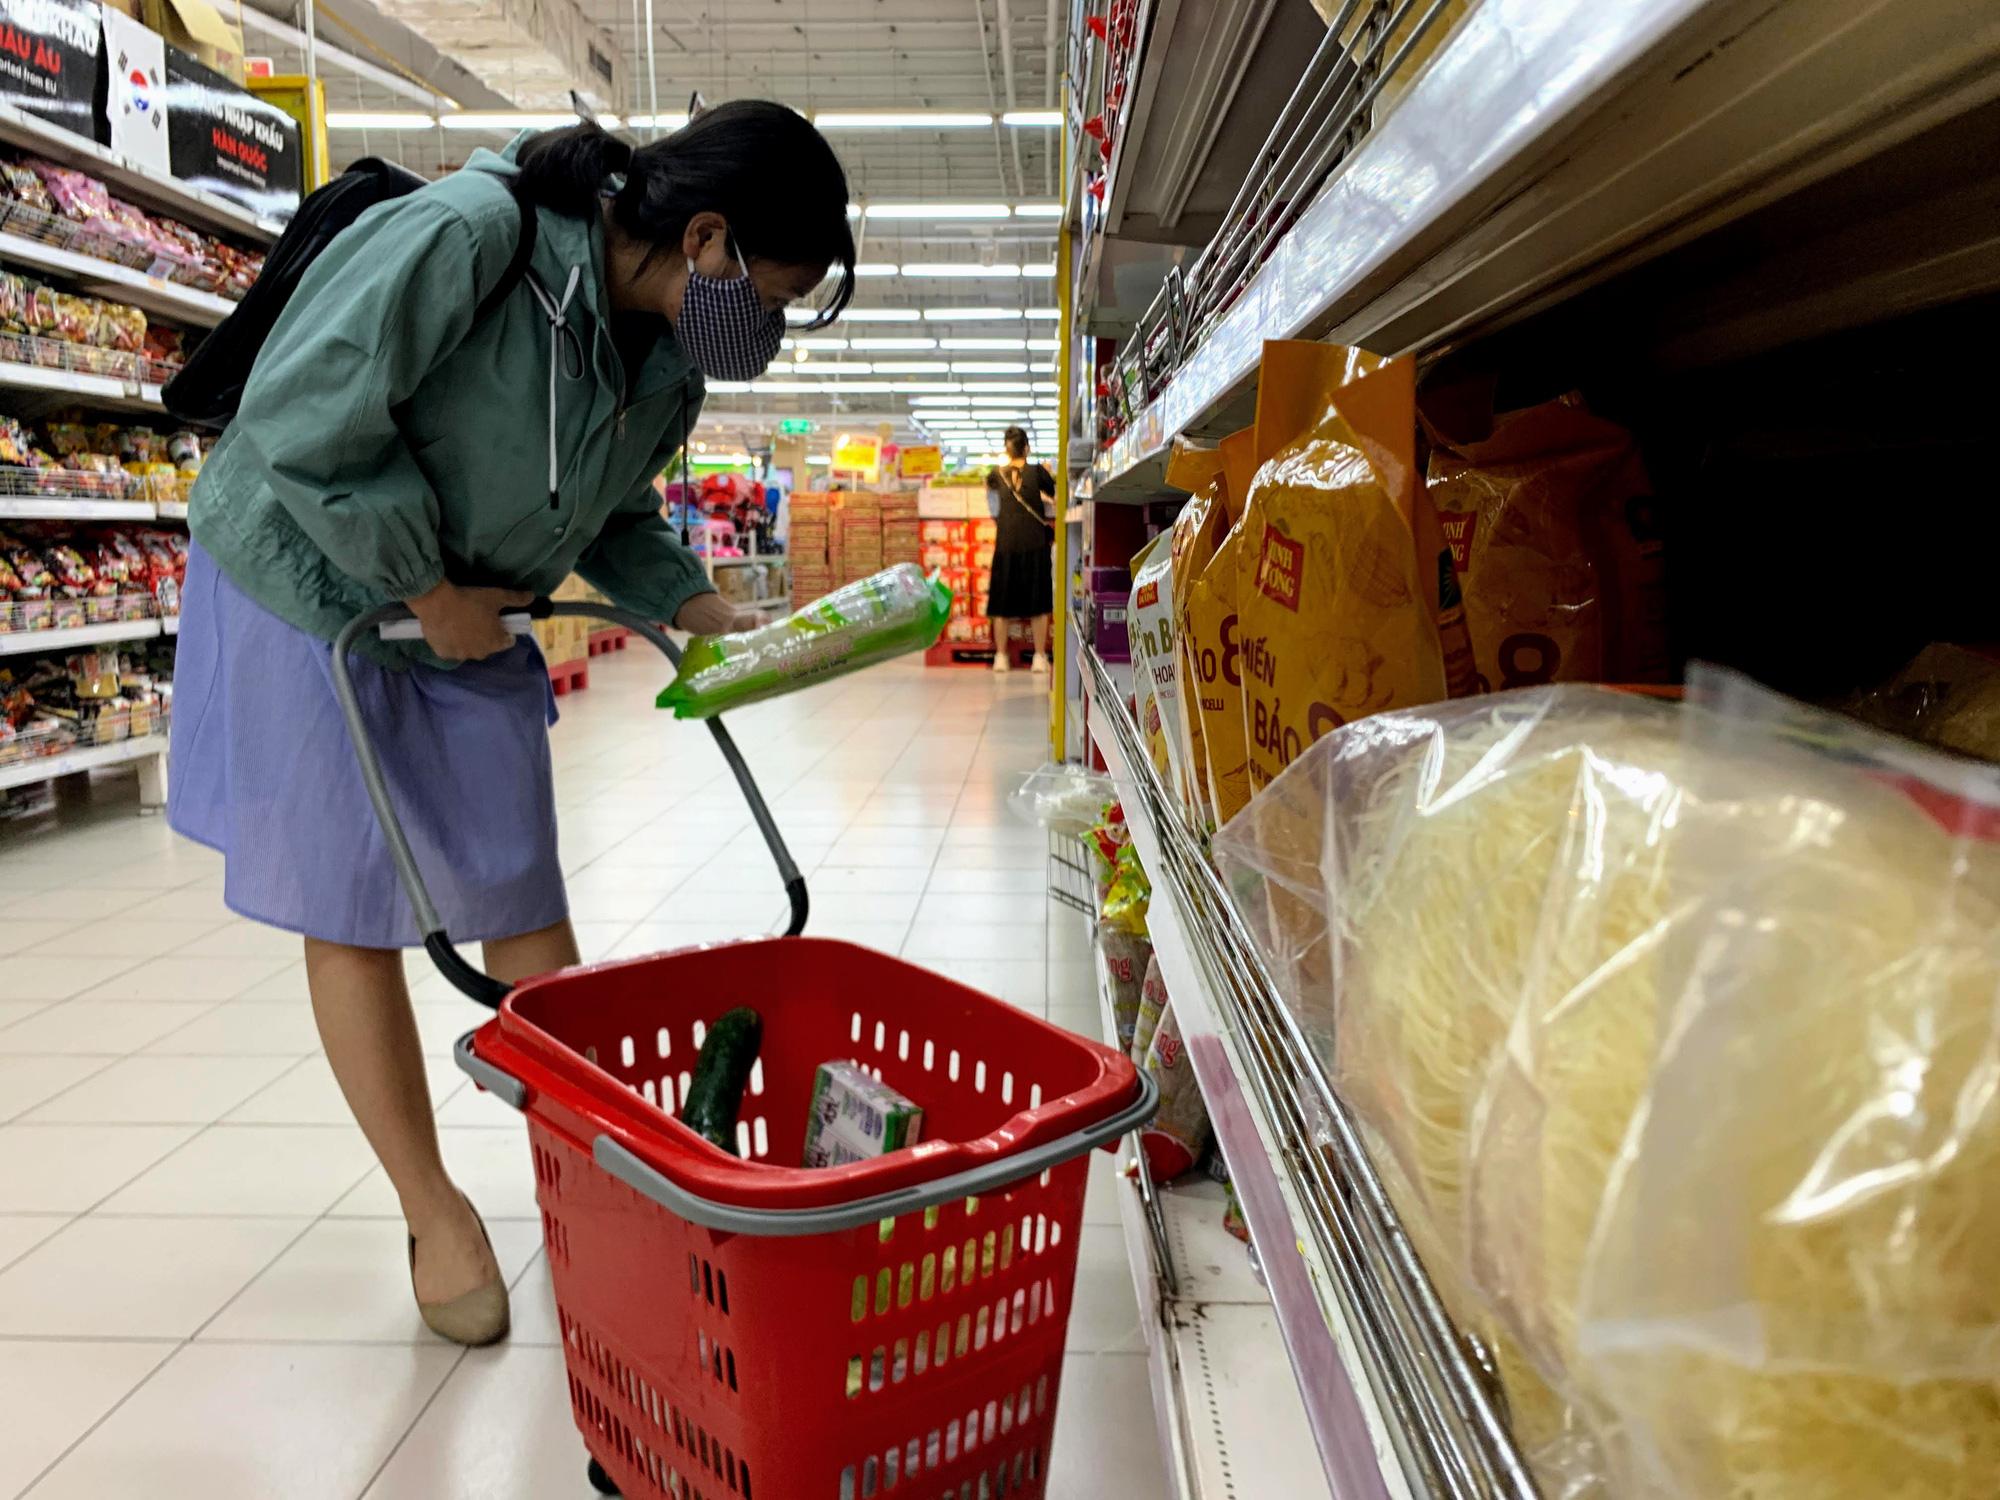 Cận cảnh ngày đầu chống dịch ở Hà Nội: Các cơ sở dịch vụ đóng cửa, siêu thị tiếp tục hoạt động, hàng hoá đầy ăm ắp vắng người mua - Ảnh 11.